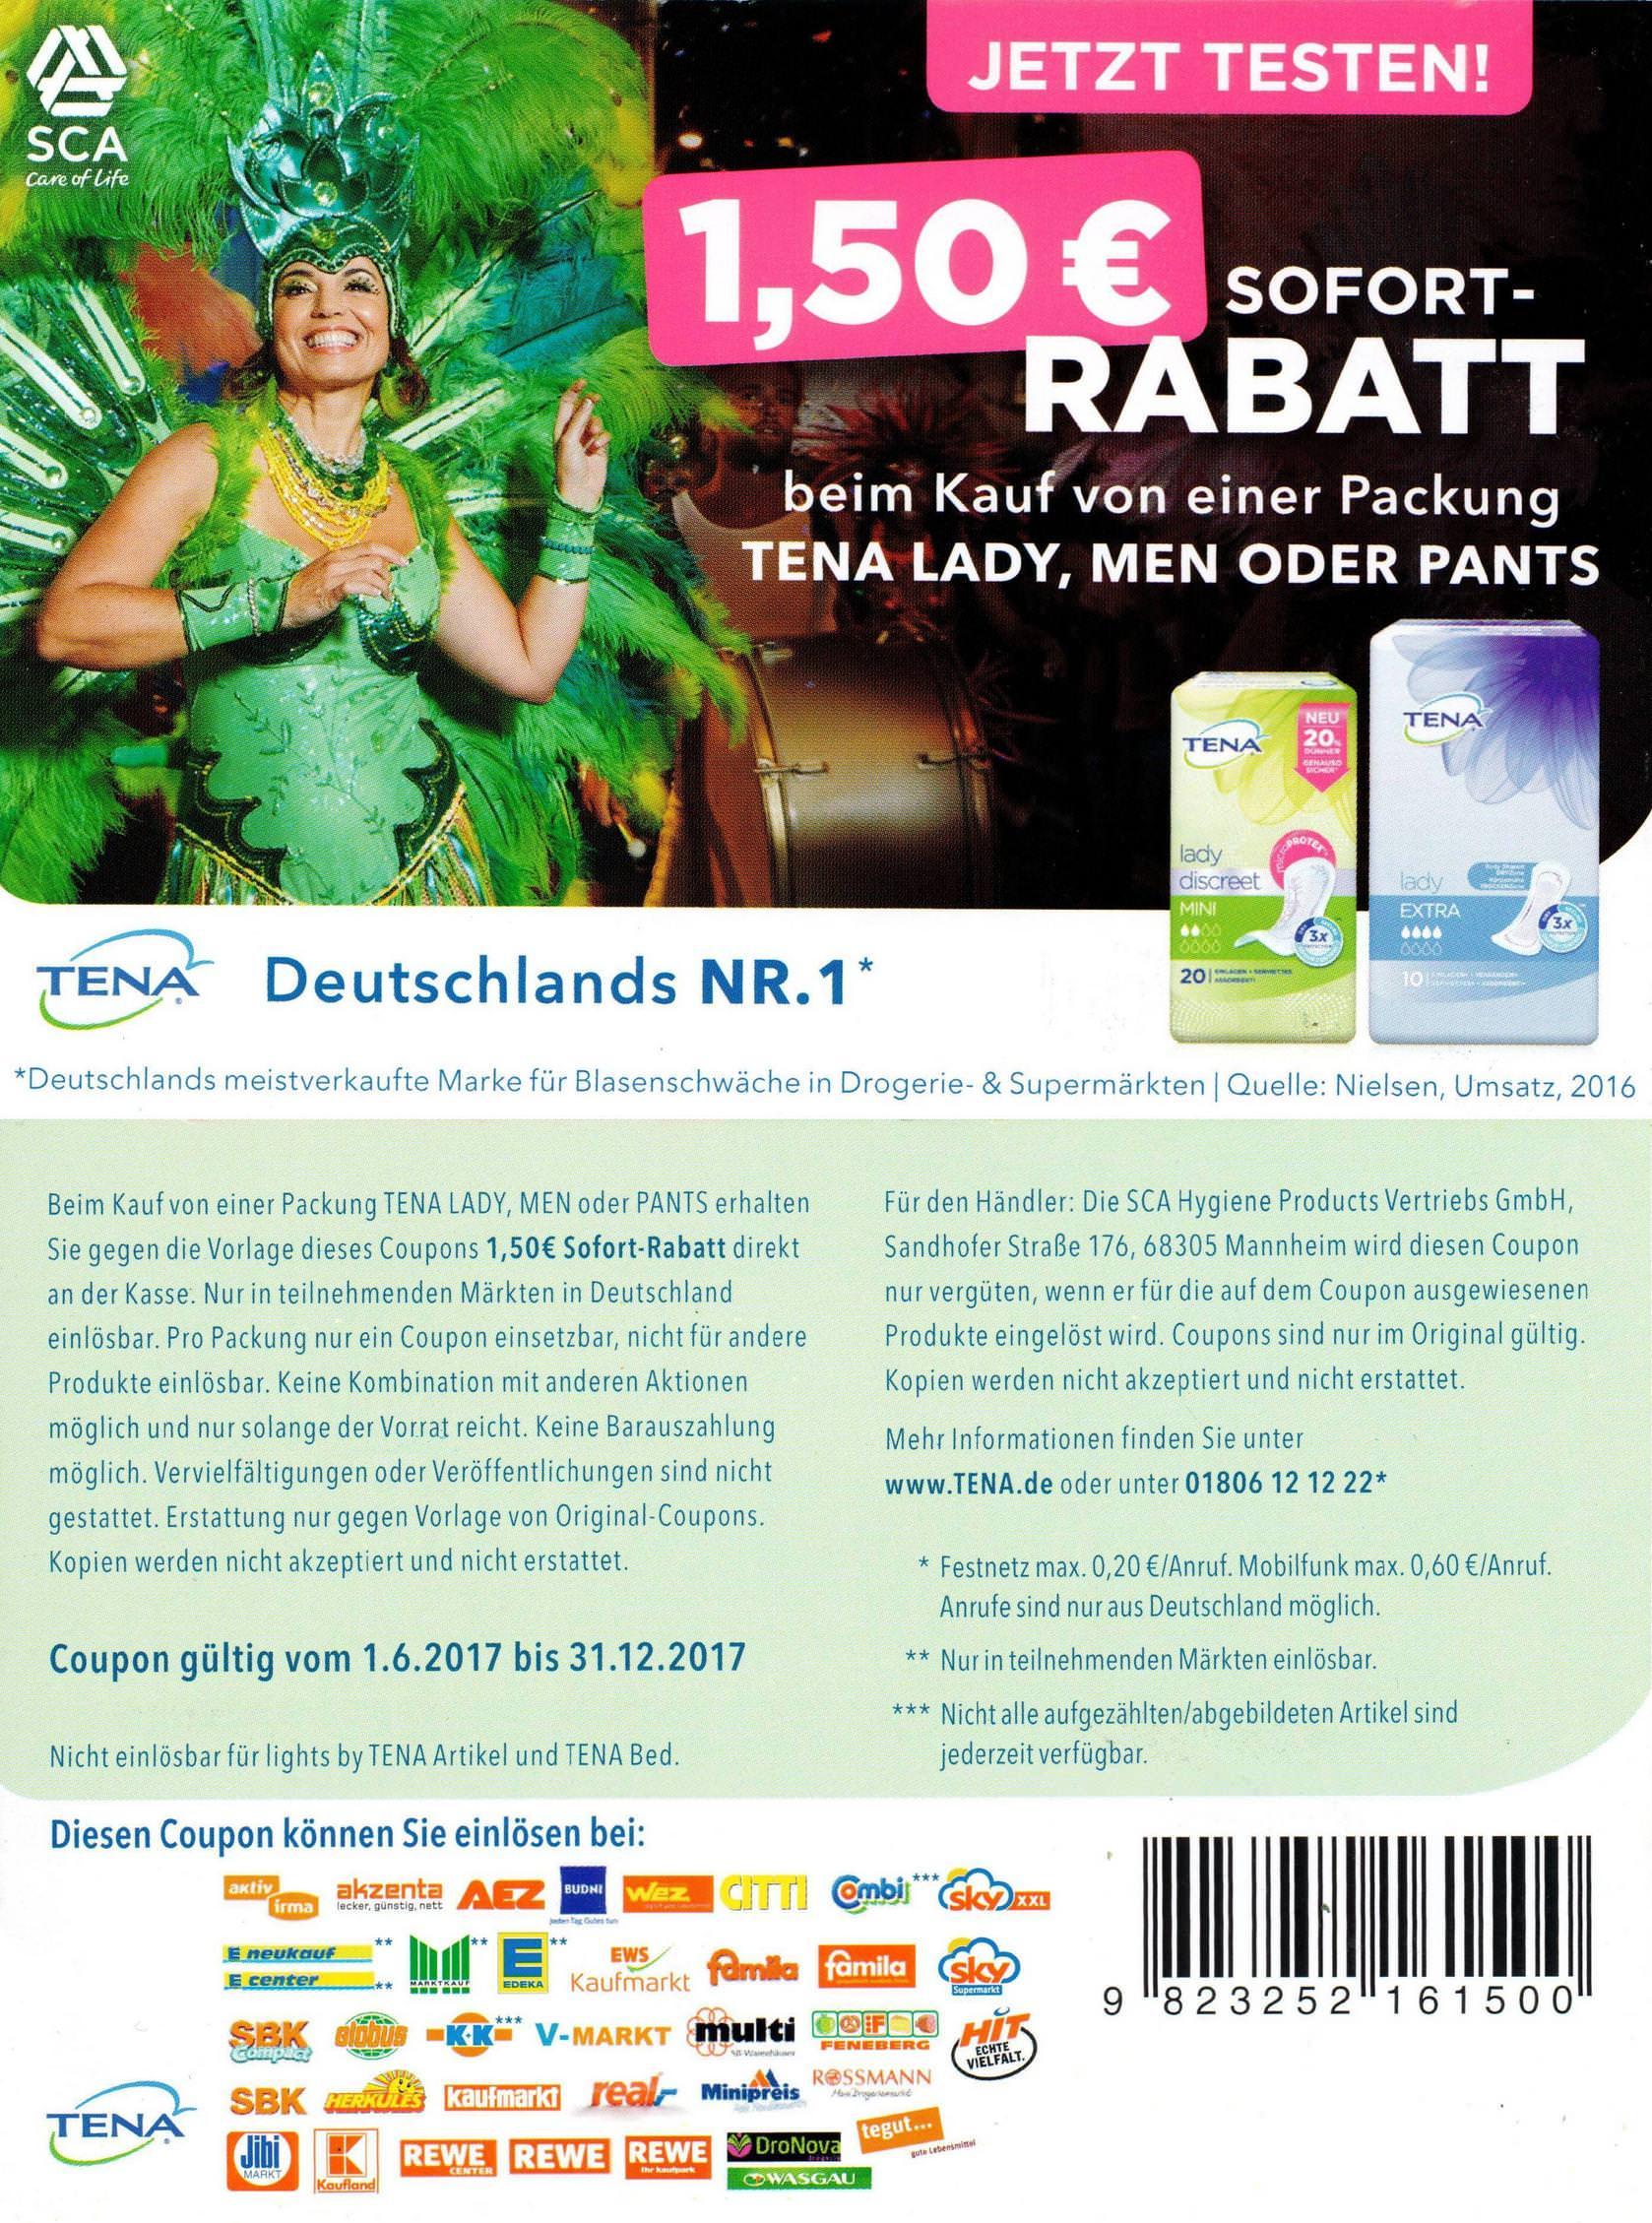 1,50€ Sofort-Rabatt-Coupon für Tena Lady/Men/Pants bis 31.12.2017 [bundesweit]